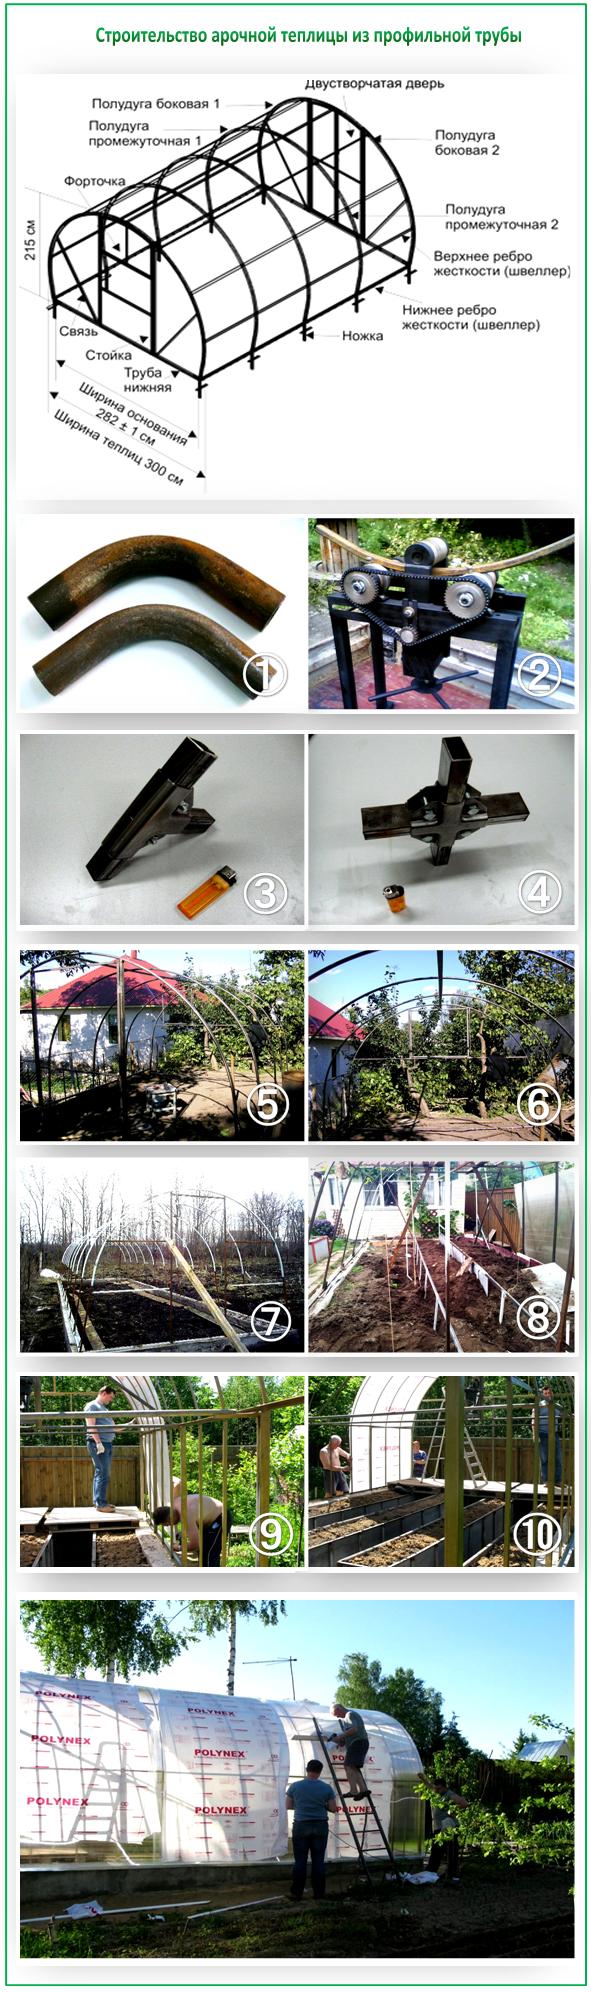 Строительство теплицы арочного типа из профильной трубы